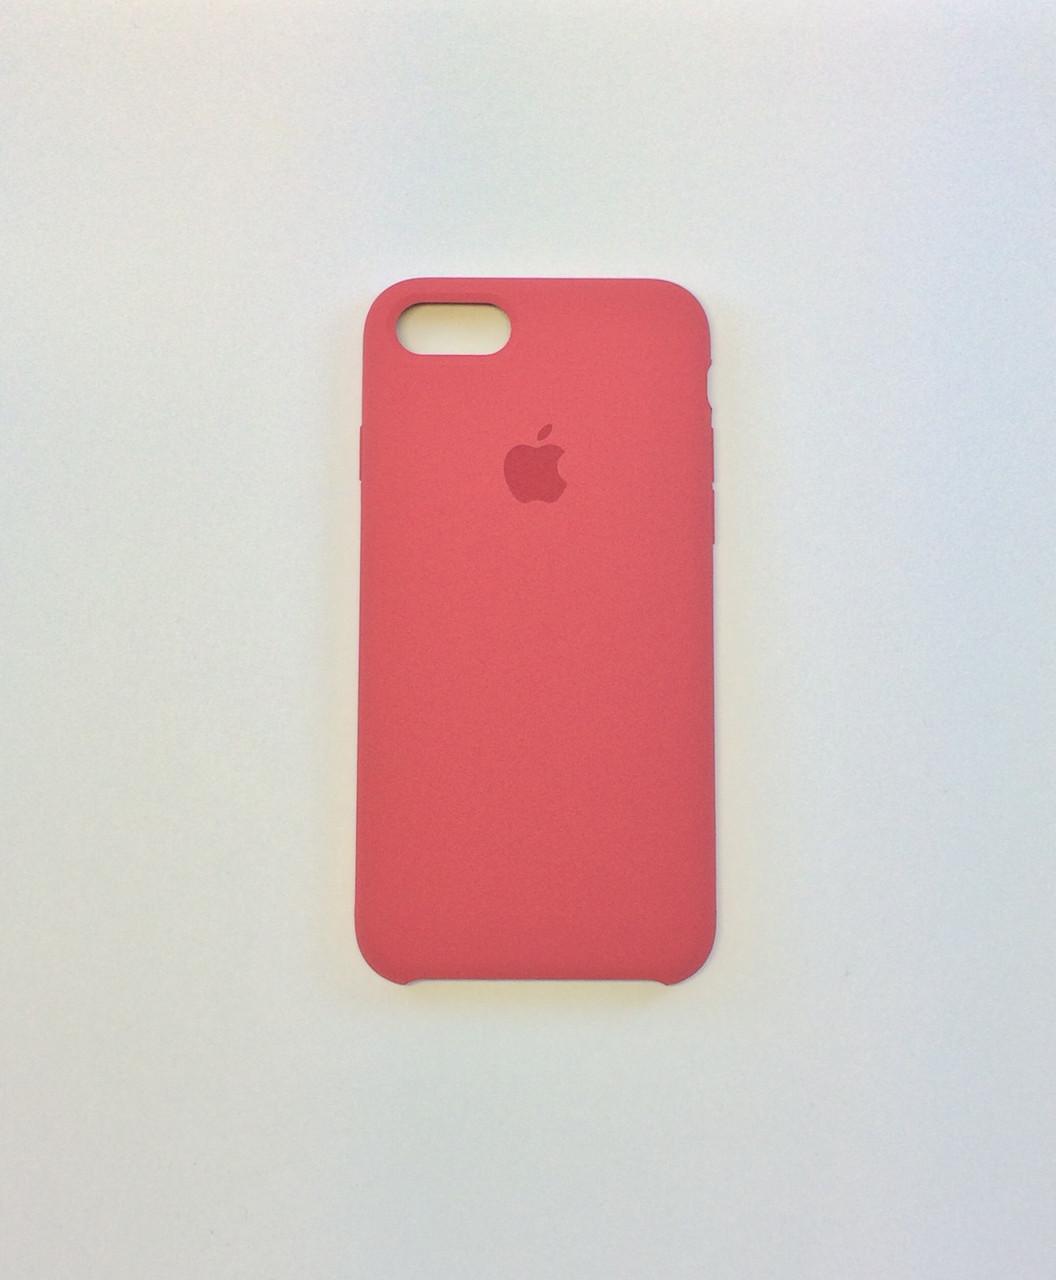 Силиконовый чехол OEM Silicon Case для iPhone 8 Plus, камелия